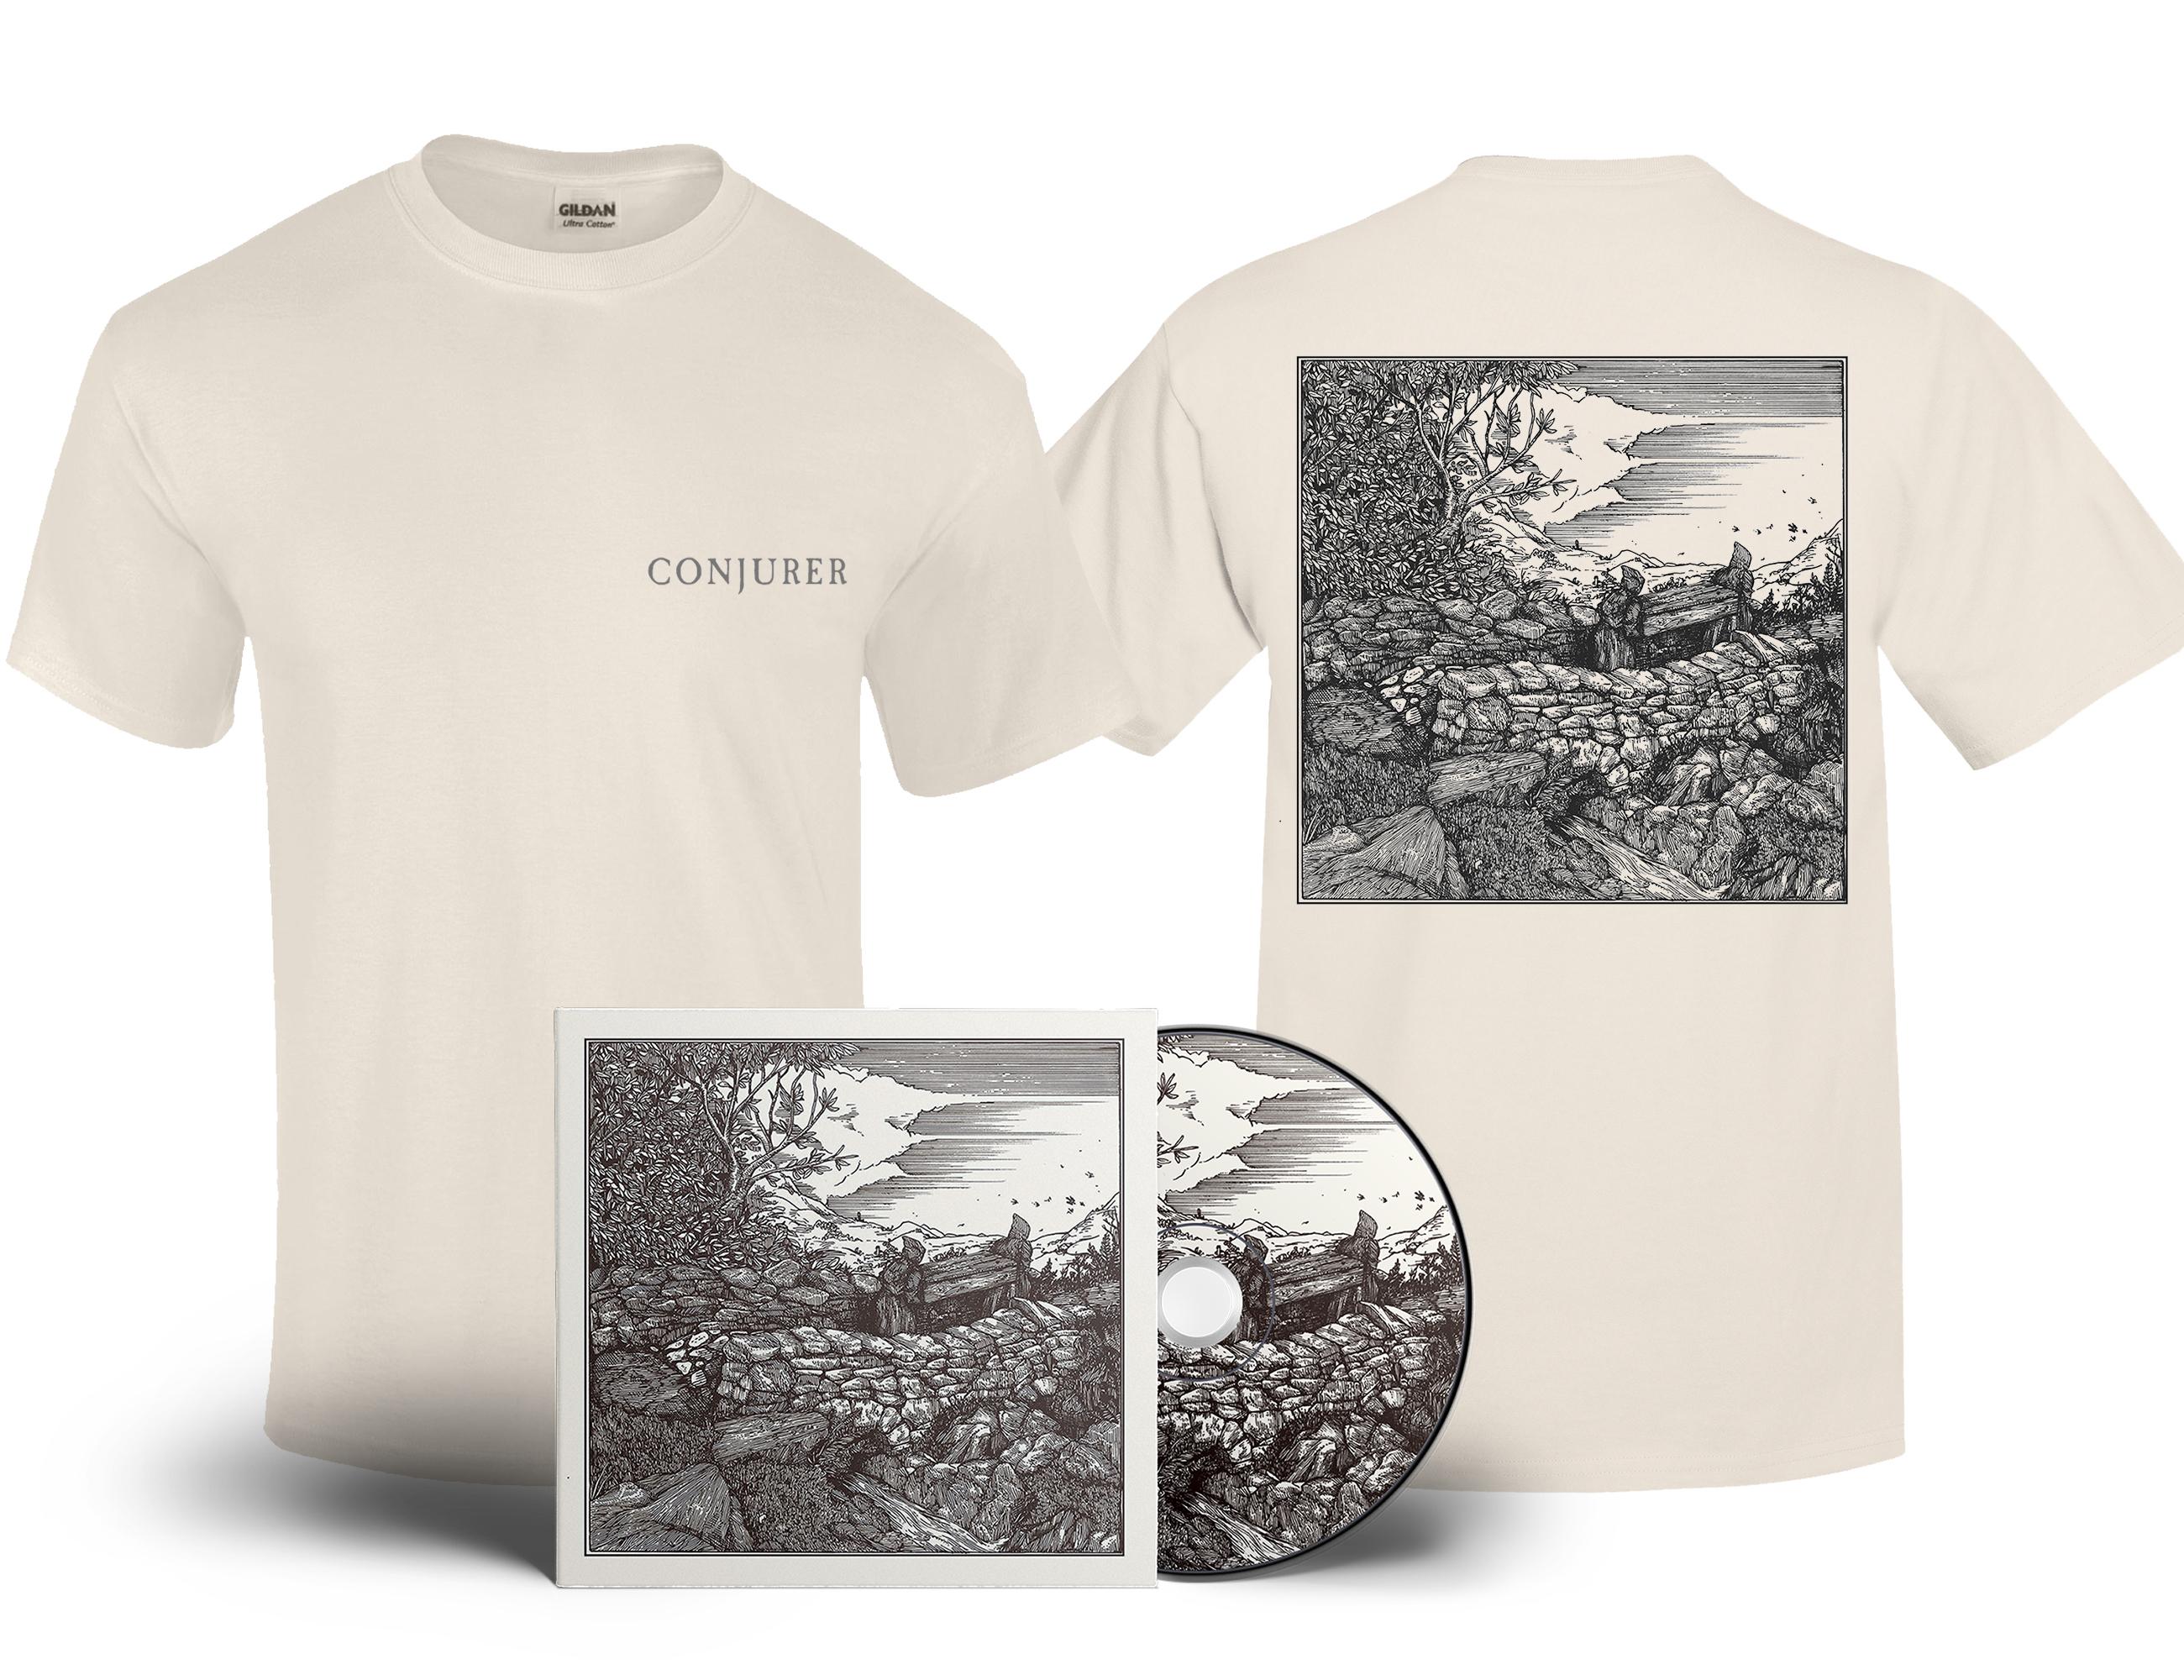 Conjurer 'Mire' digital download +shirt